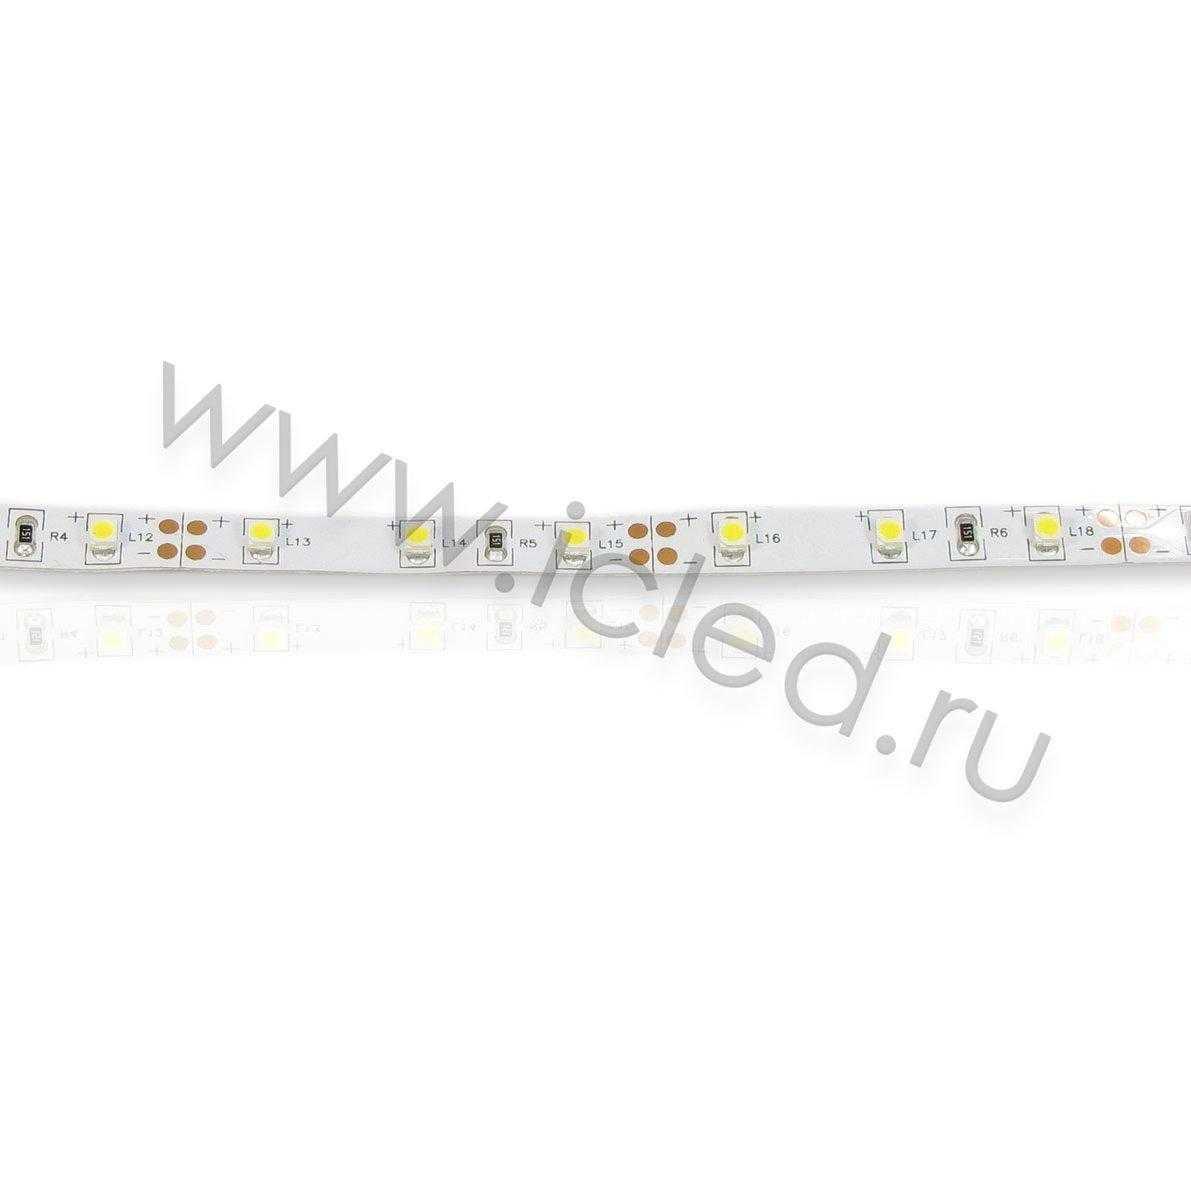 Светодиодная лента Class High, 3528, 60 led/m, Warm White,12V, IP33